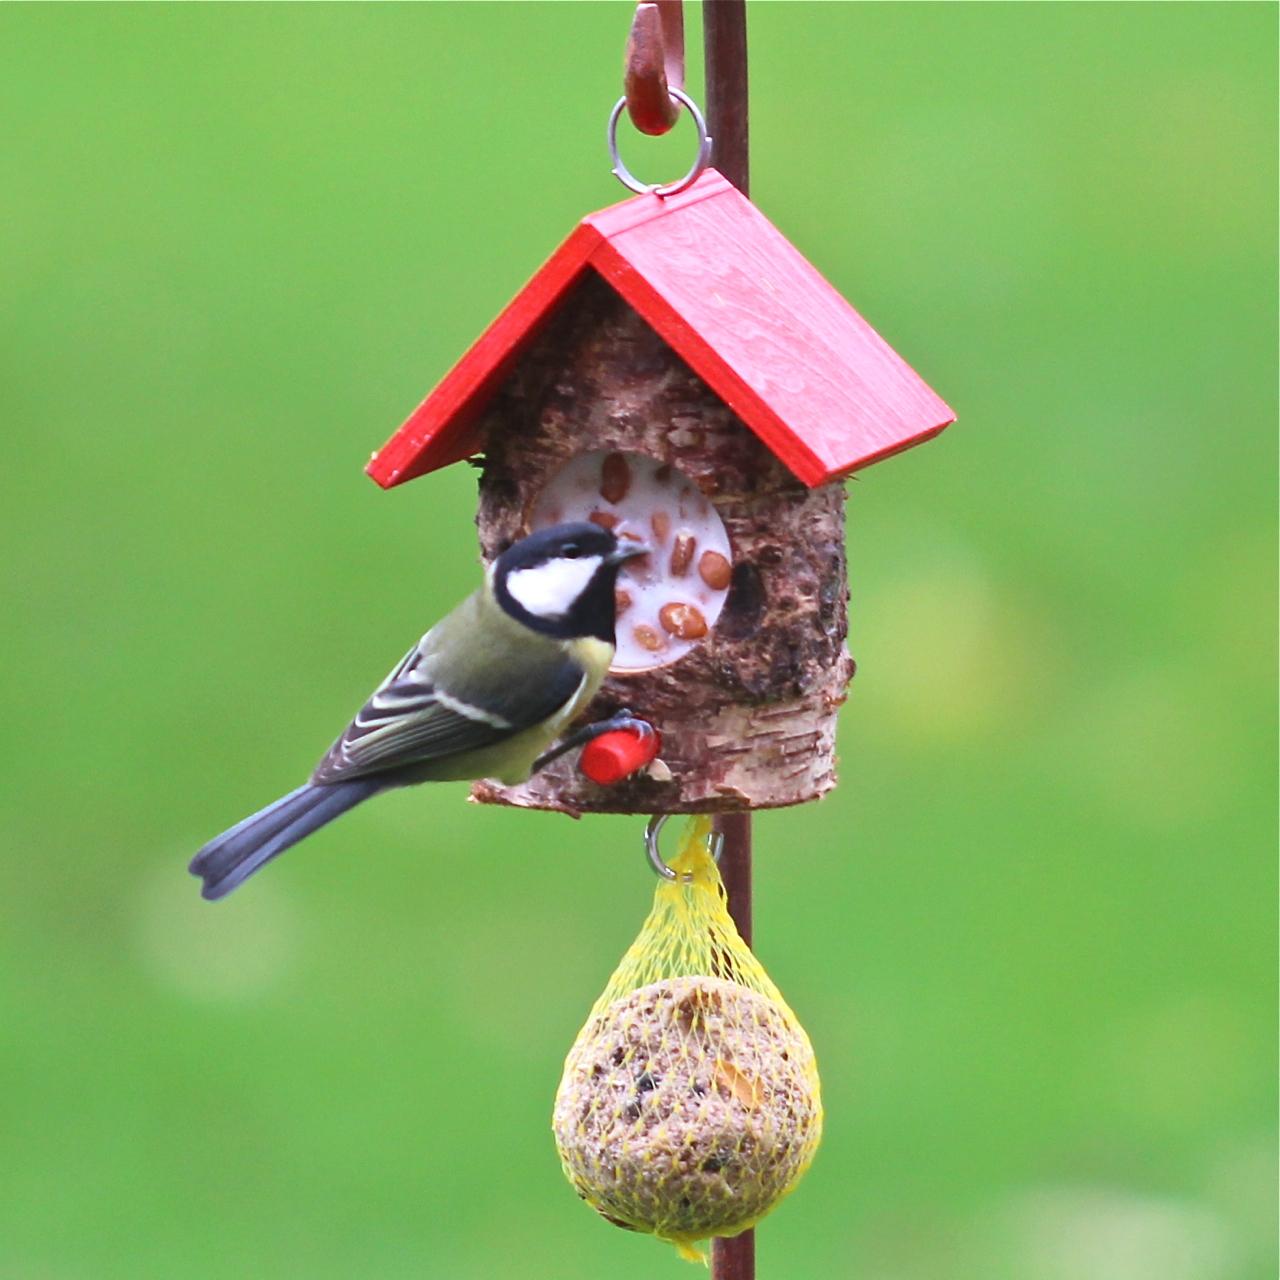 kn del haus klein rot mit vogelfutter und rindertalg vogel und naturschutzprodukte einfach. Black Bedroom Furniture Sets. Home Design Ideas